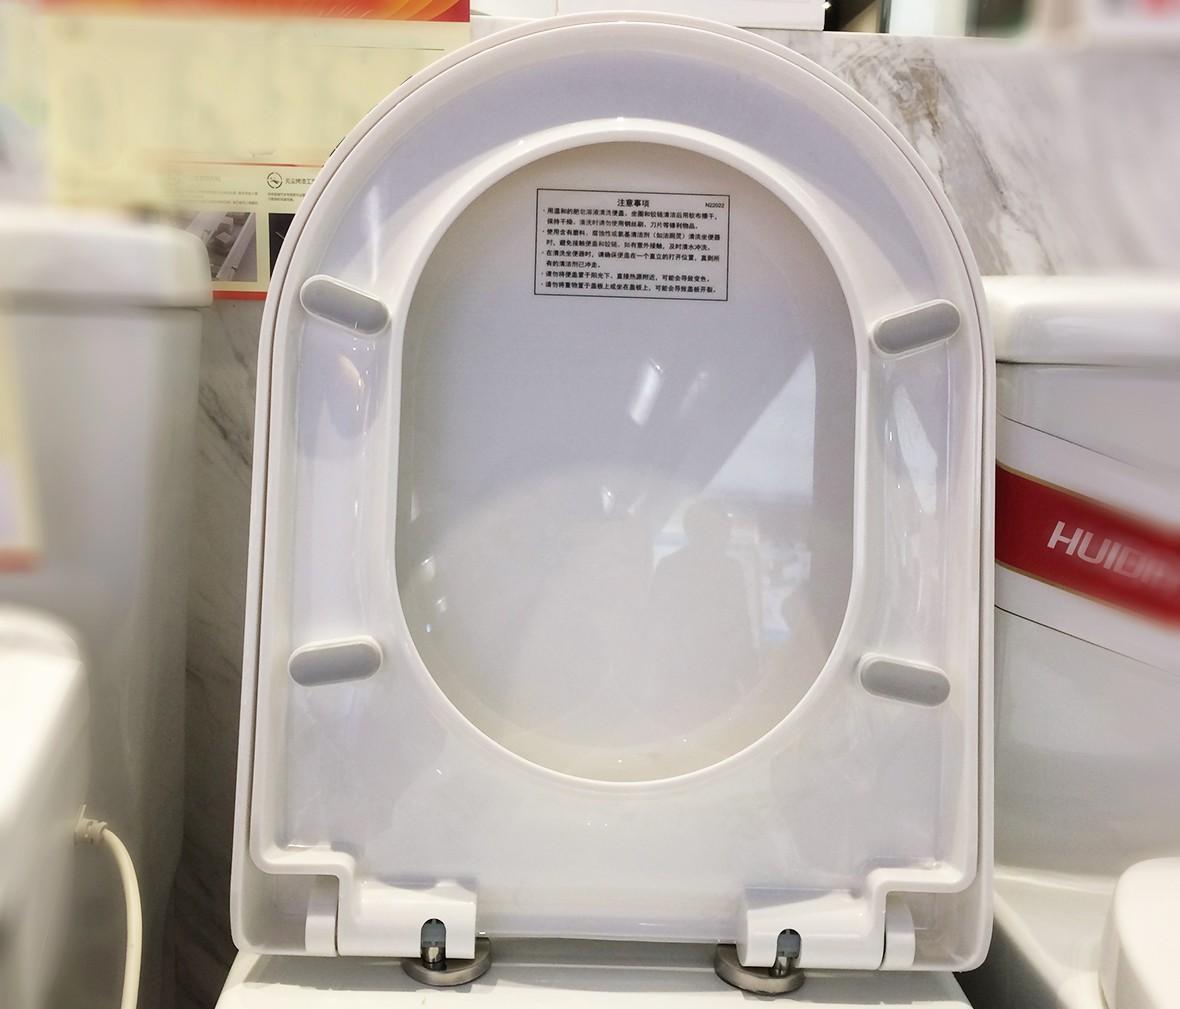 惠达卫浴 HDC8183双档连体(缓降盖)座便器马桶